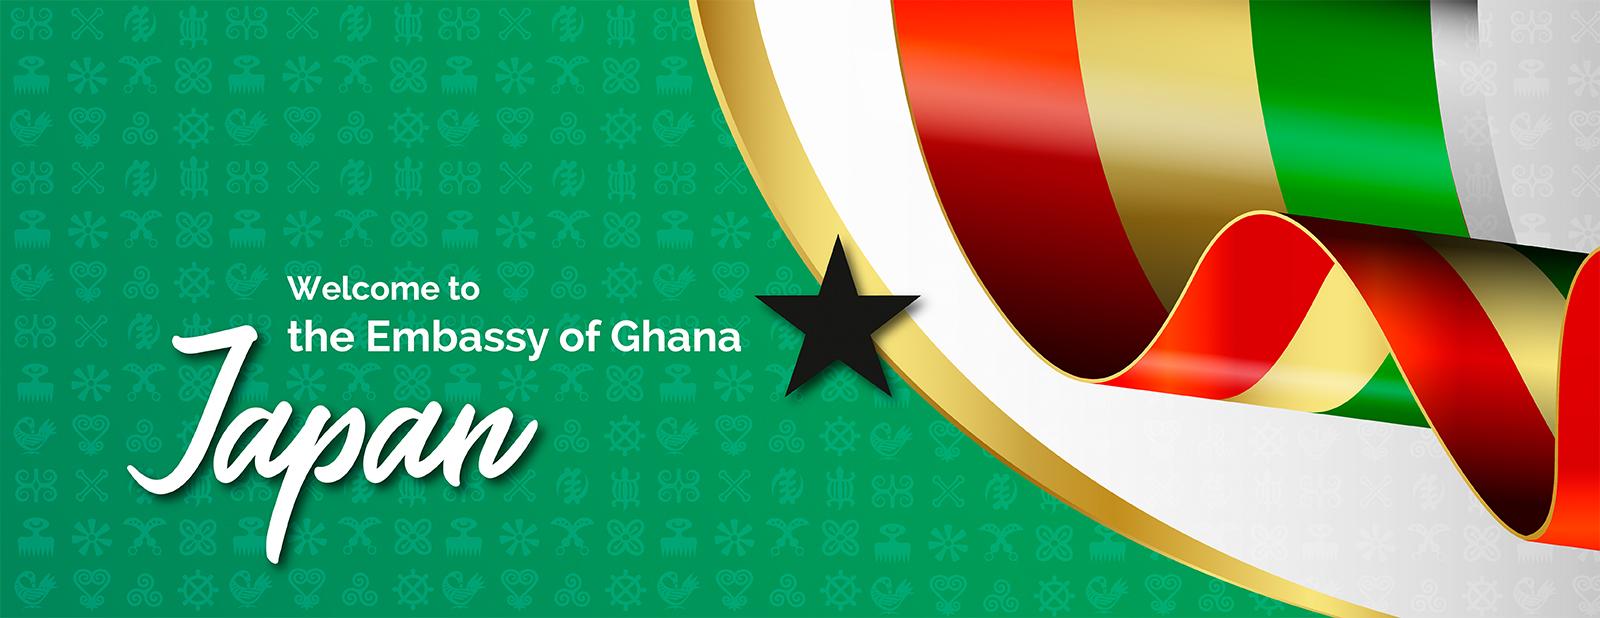 Ghana Embassy Japan